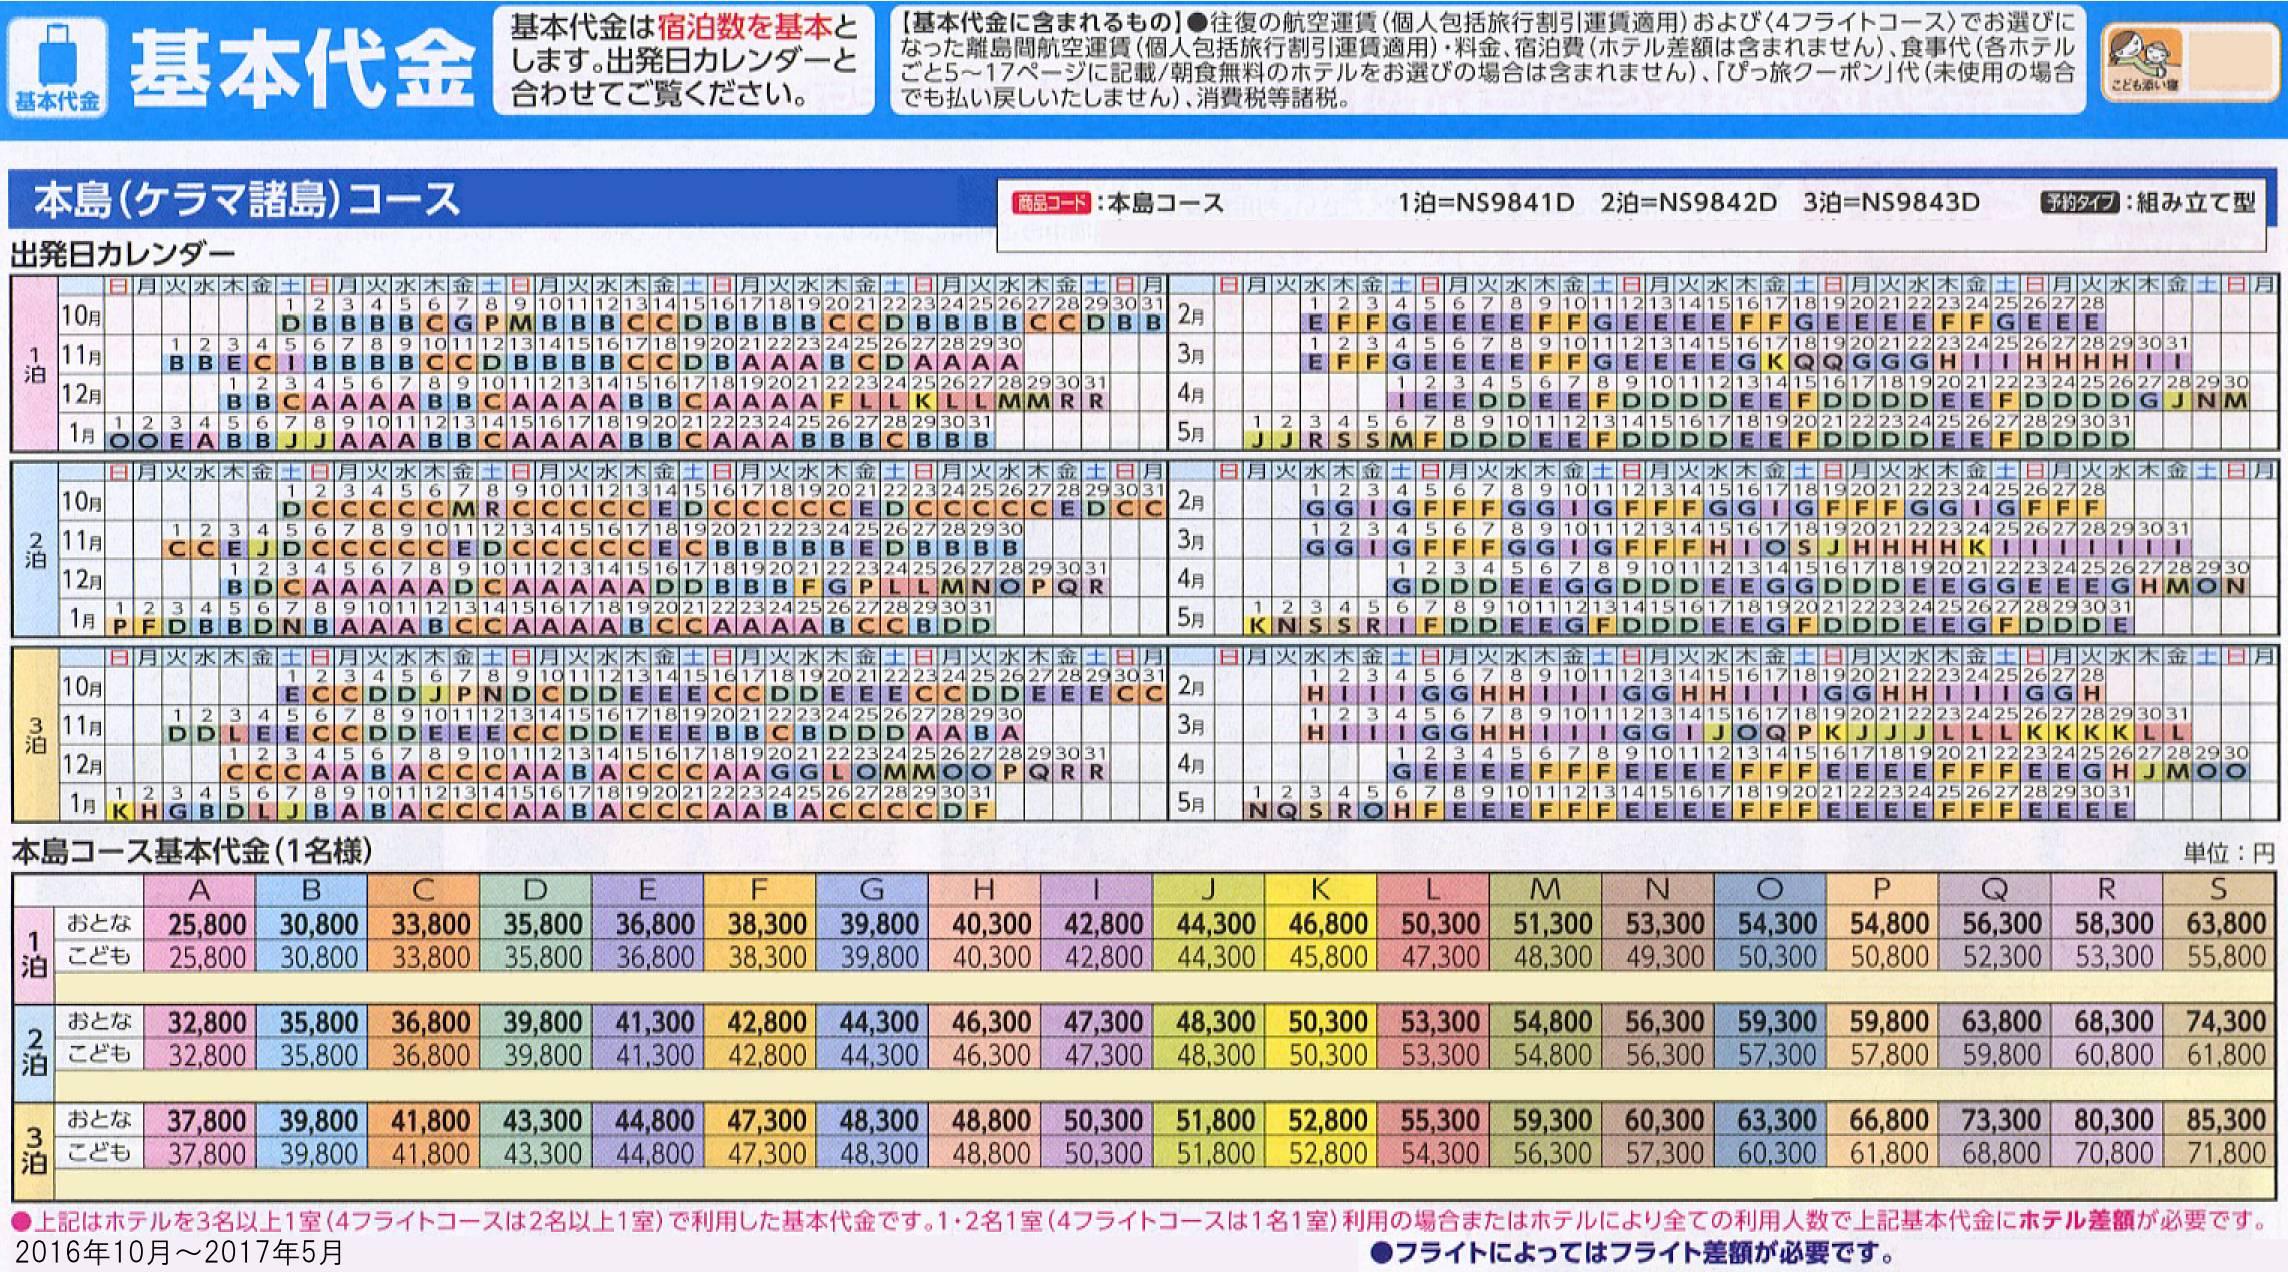 基本代金pittabi-fuk16_10-05-ryoukin